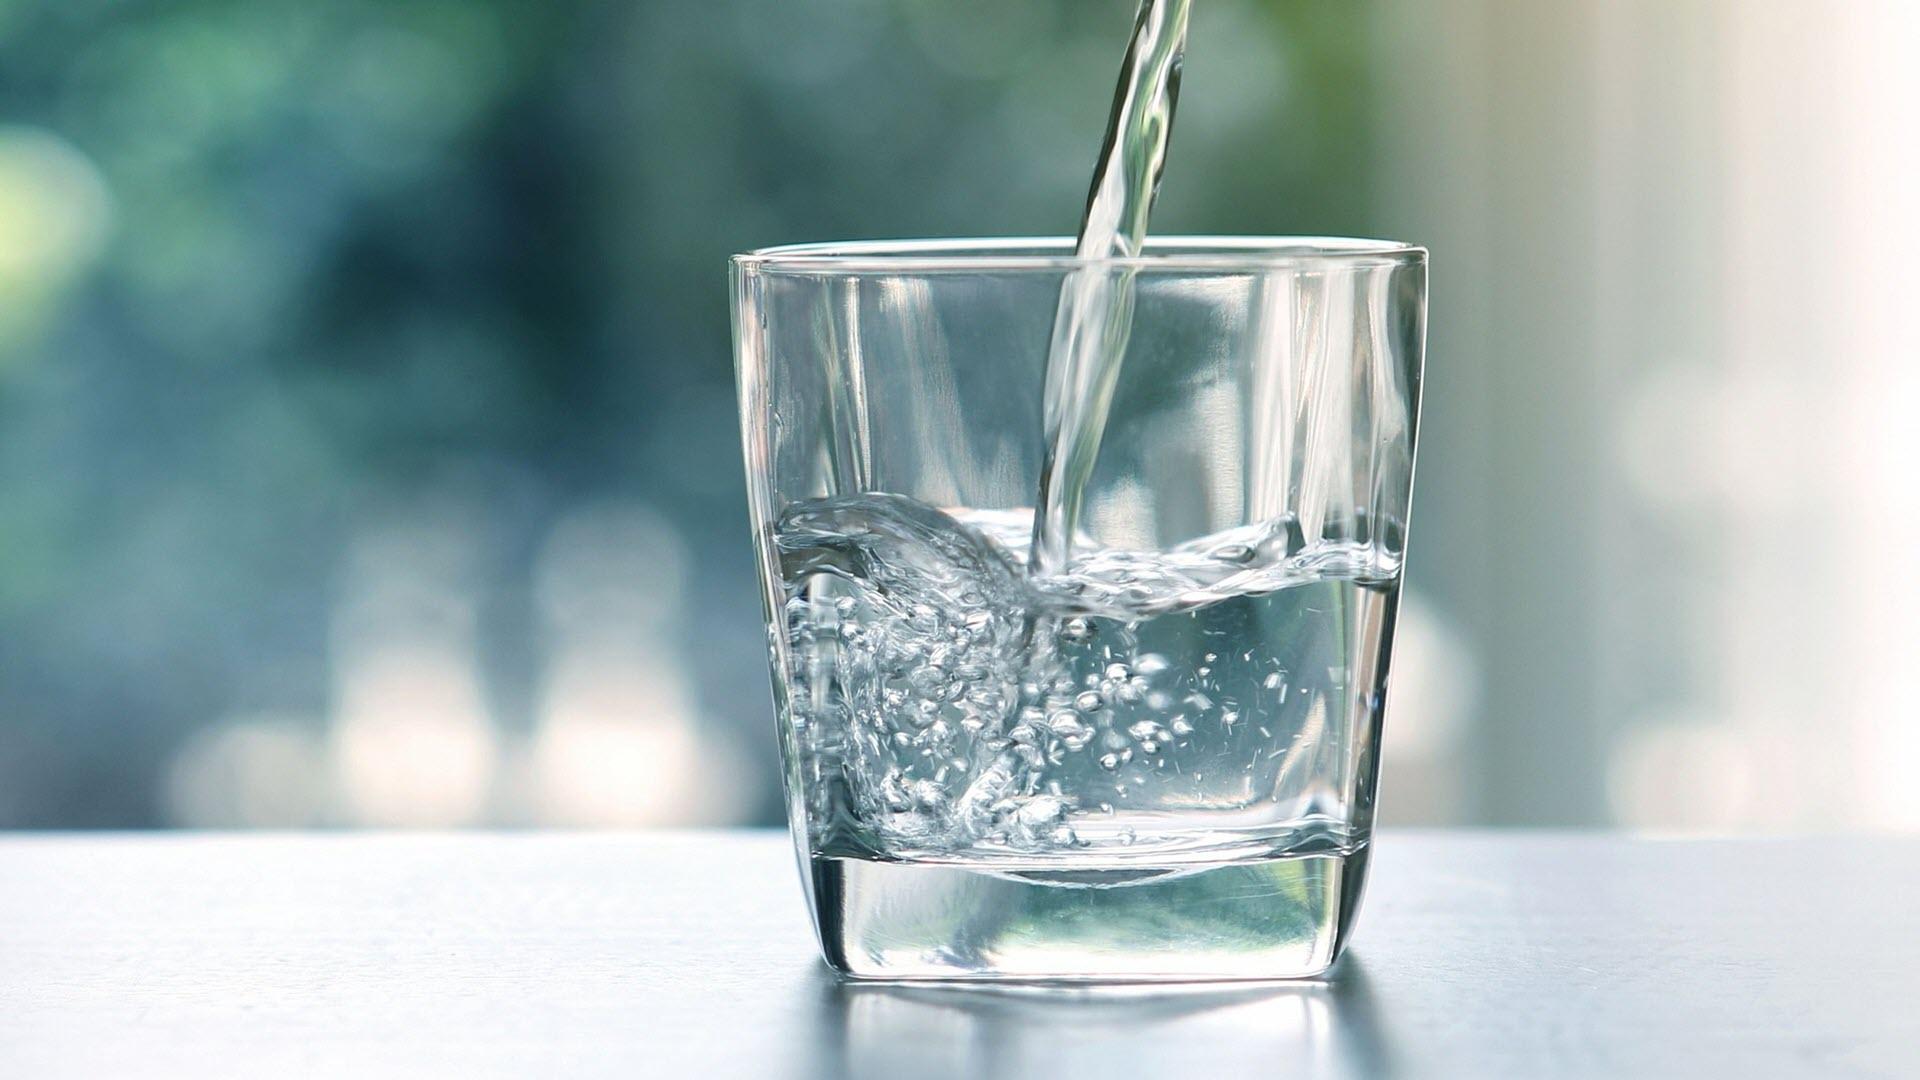 Hình nền cốc nước đẹp